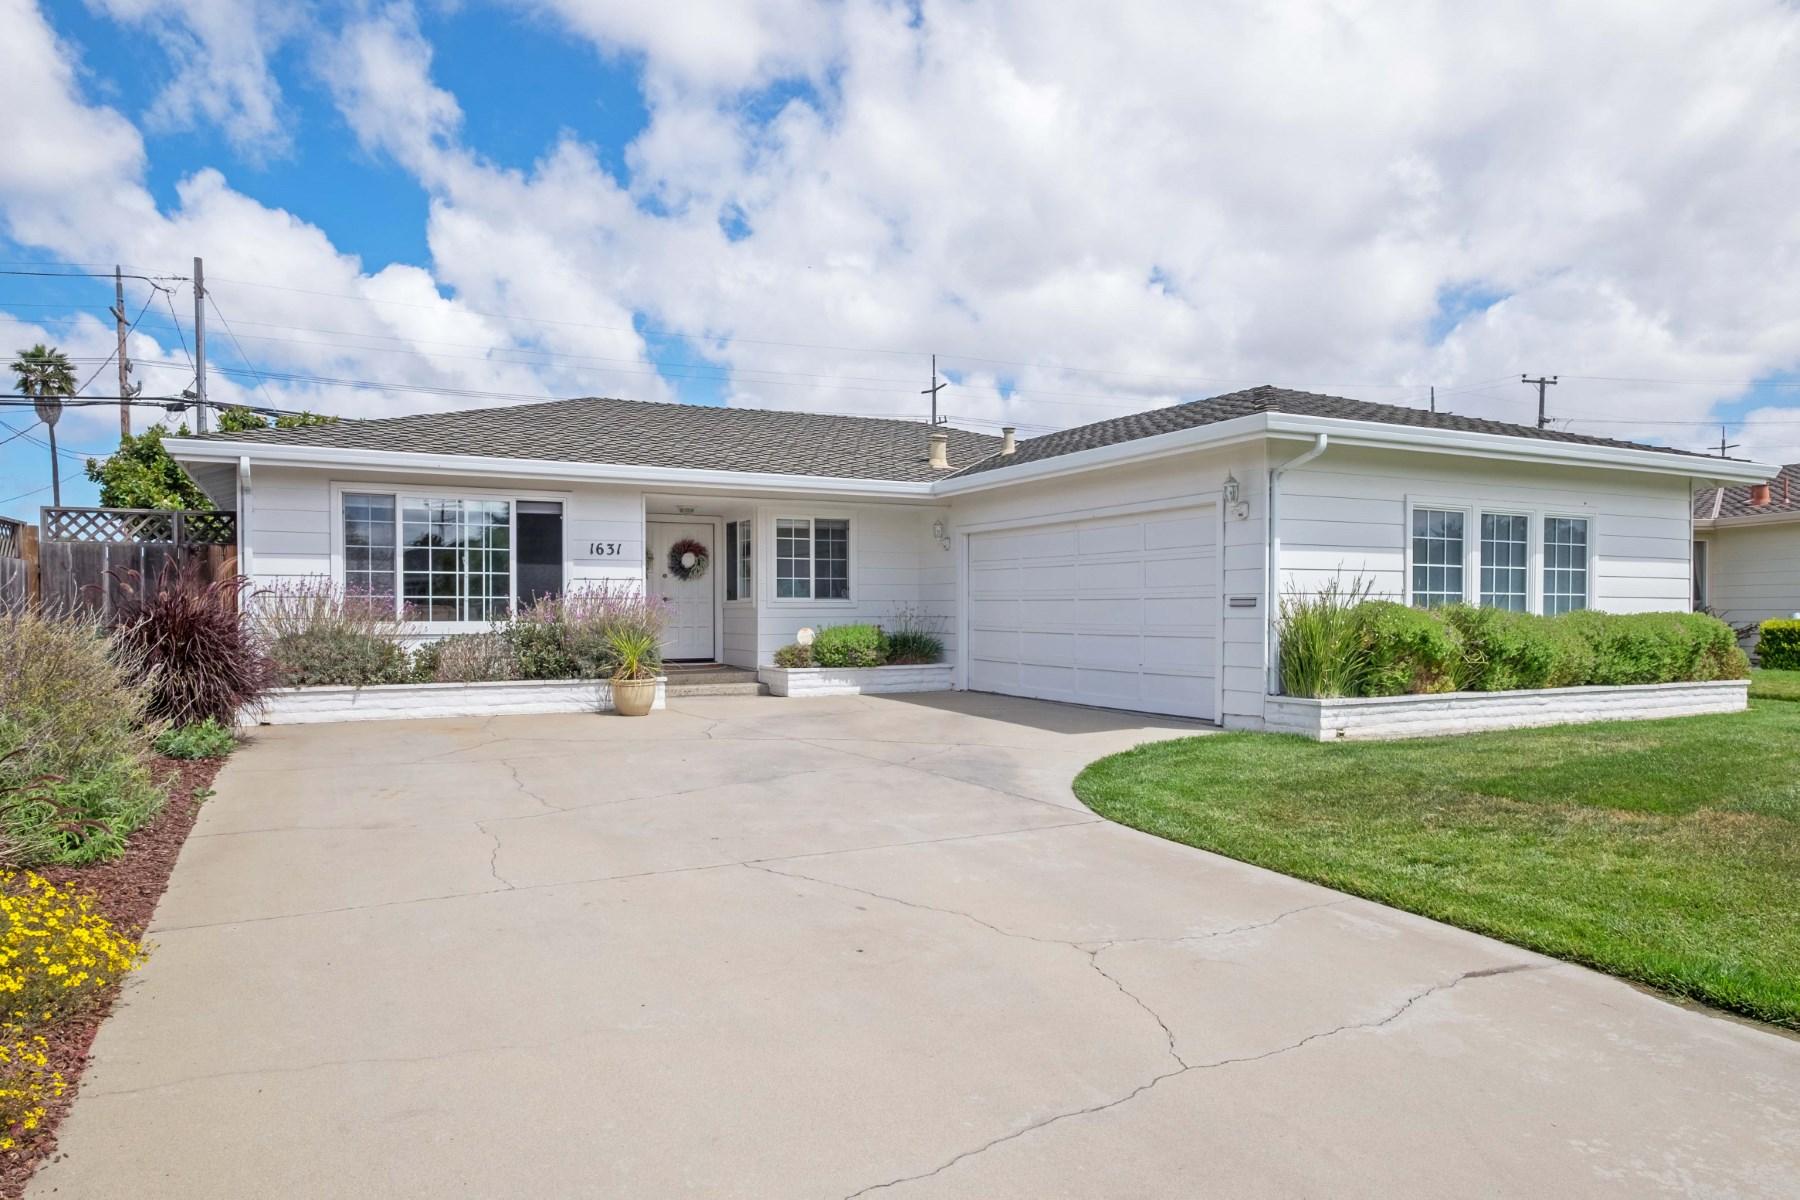 Nhà ở một gia đình vì Bán tại 1631 Cupertino Way, Salinas Salinas, California, 93906 Hoa Kỳ